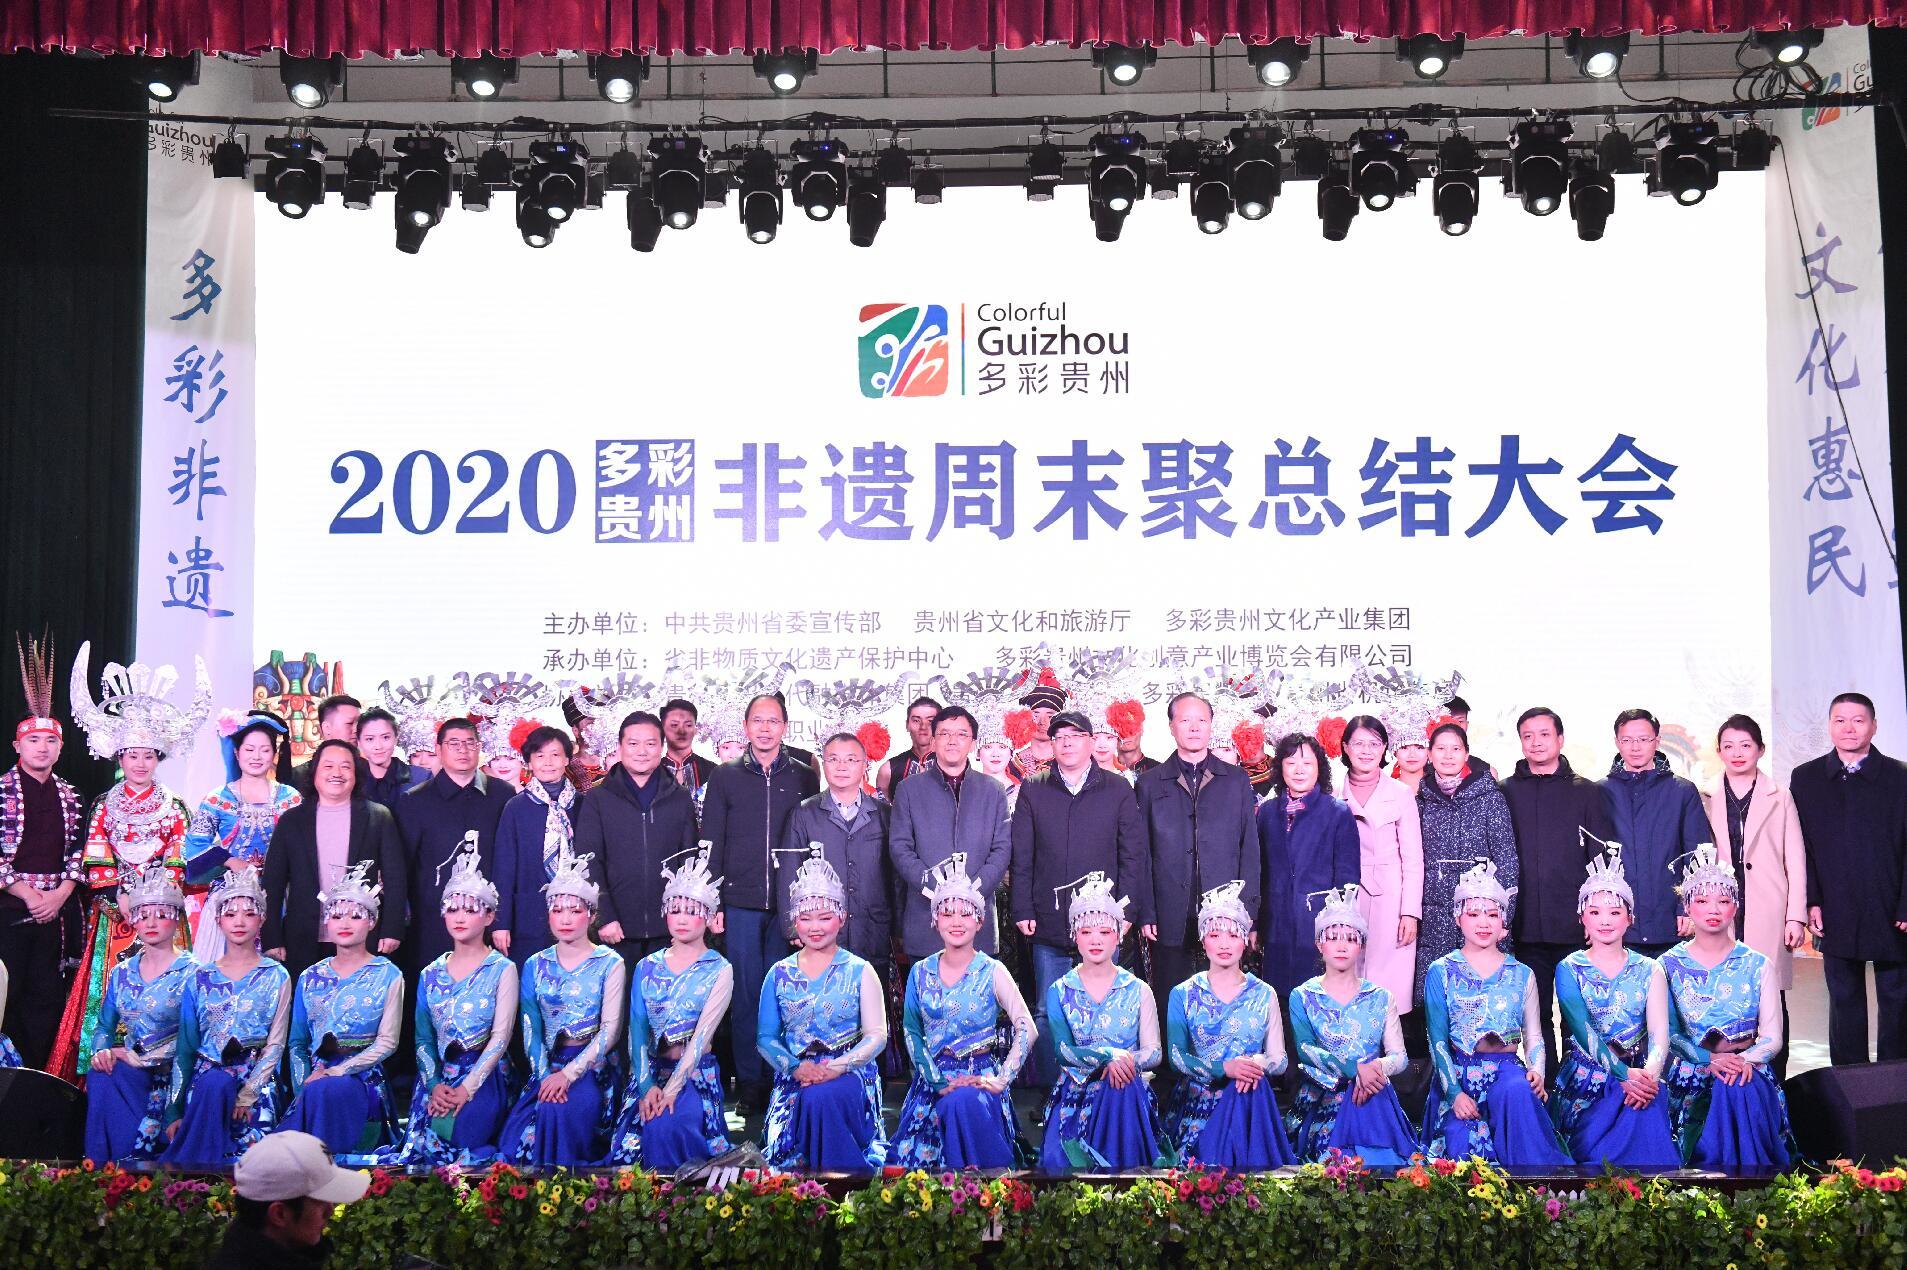 2020多彩贵州非遗周末聚总结大会在贵阳举行